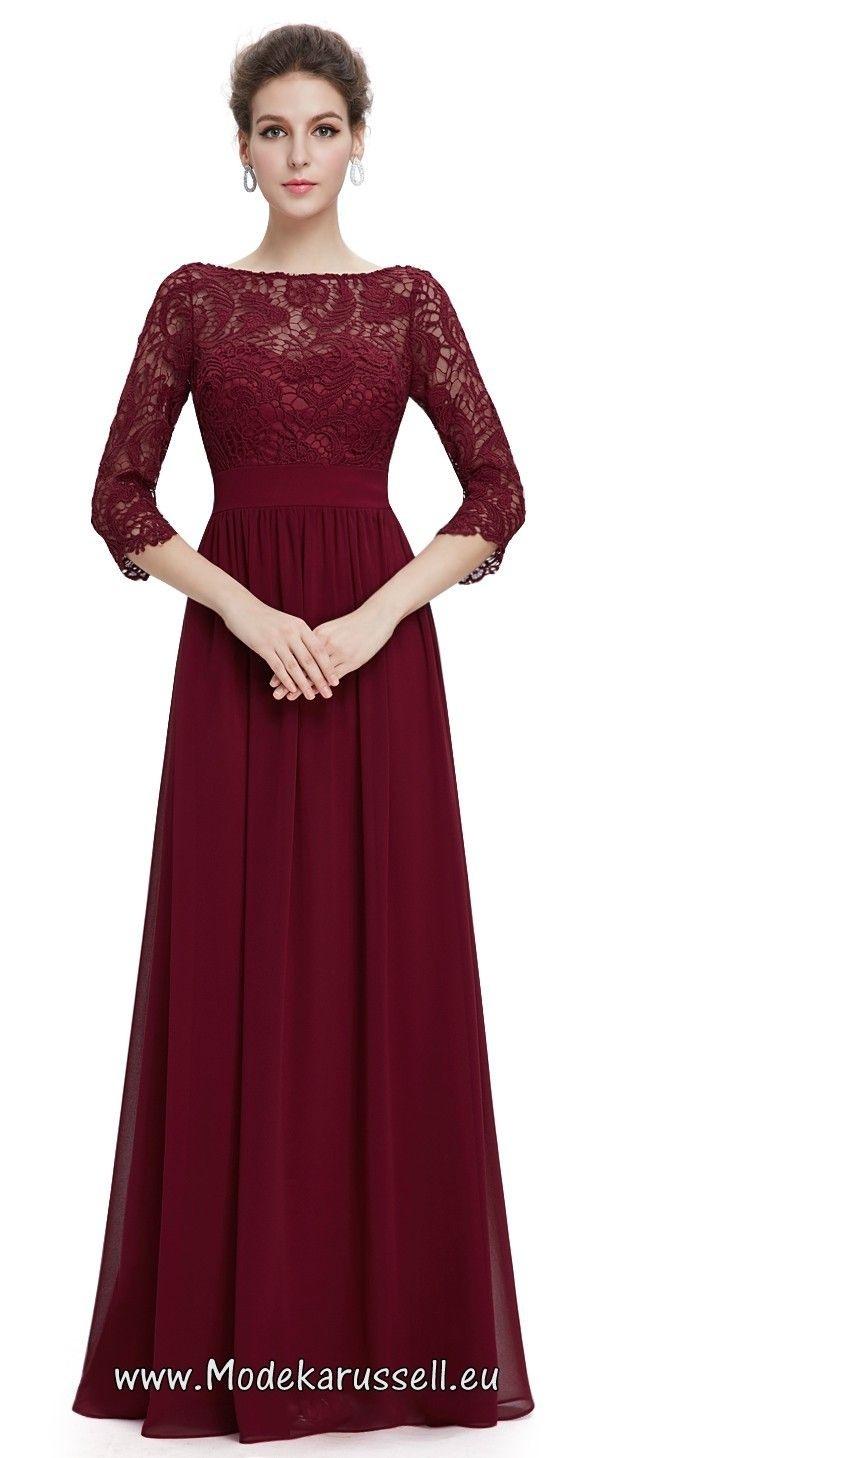 Abend Fantastisch Kleider Shoppen Spezialgebiet17 Einfach Kleider Shoppen Design